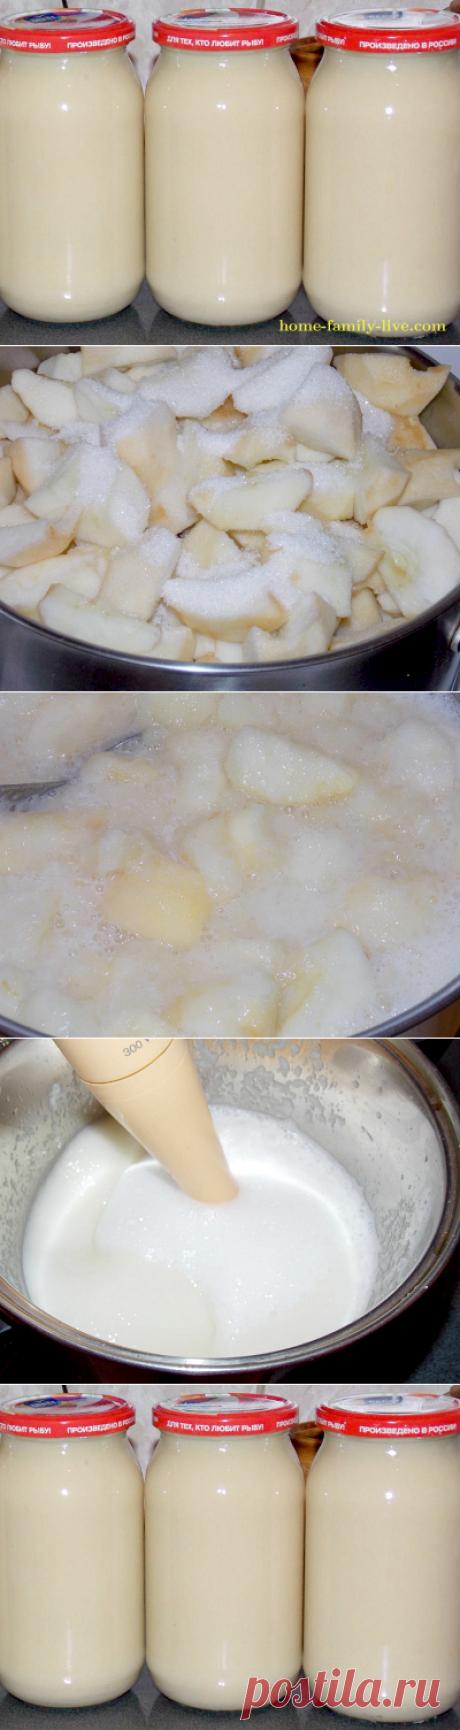 Яблочное пюре со сгущенным молоком и дыней/Сайт с пошаговыми рецептами с фото для тех кто любит готовить